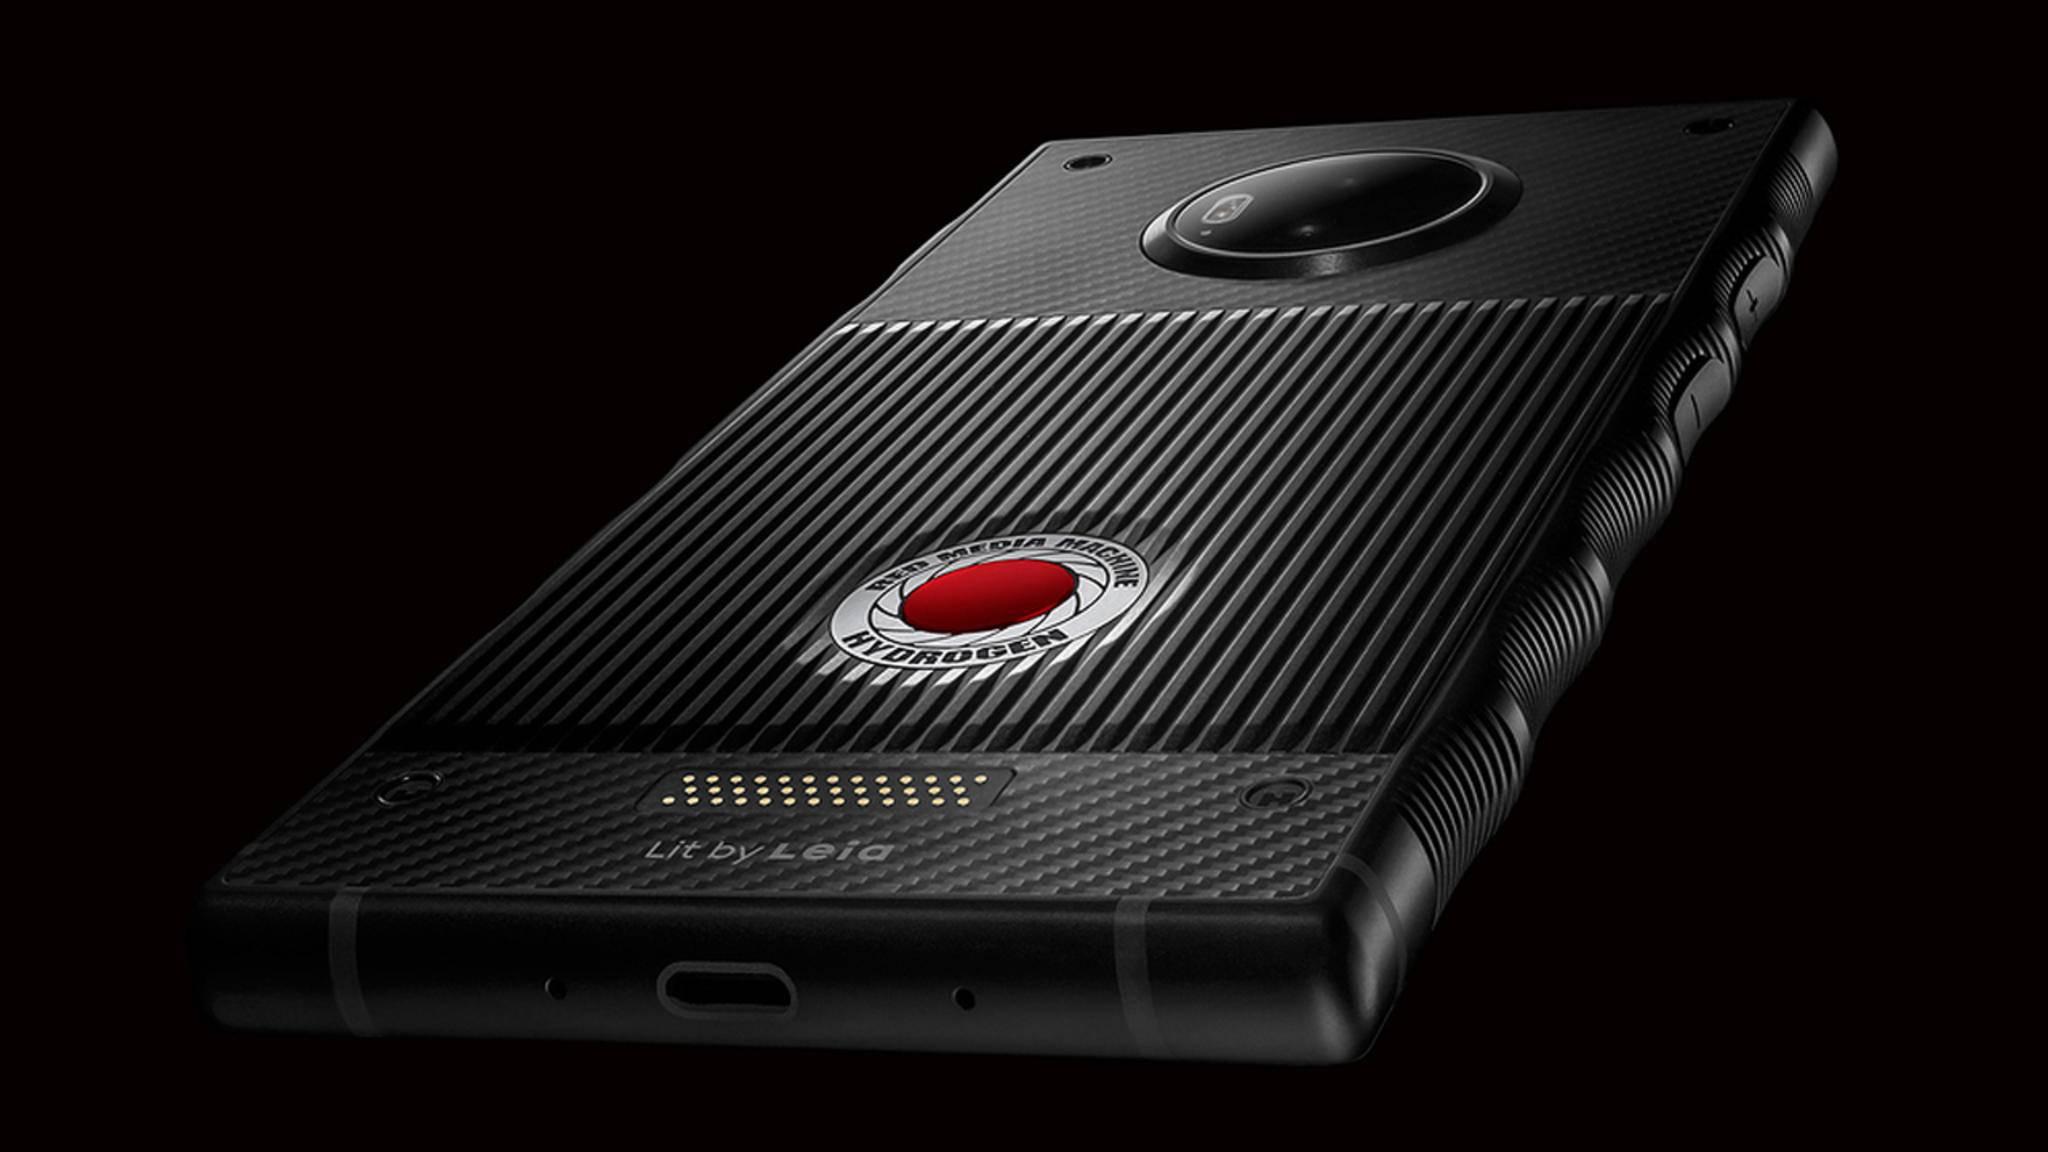 Der Kamera des RED Hydrogen One gilt besonderes Interesse.